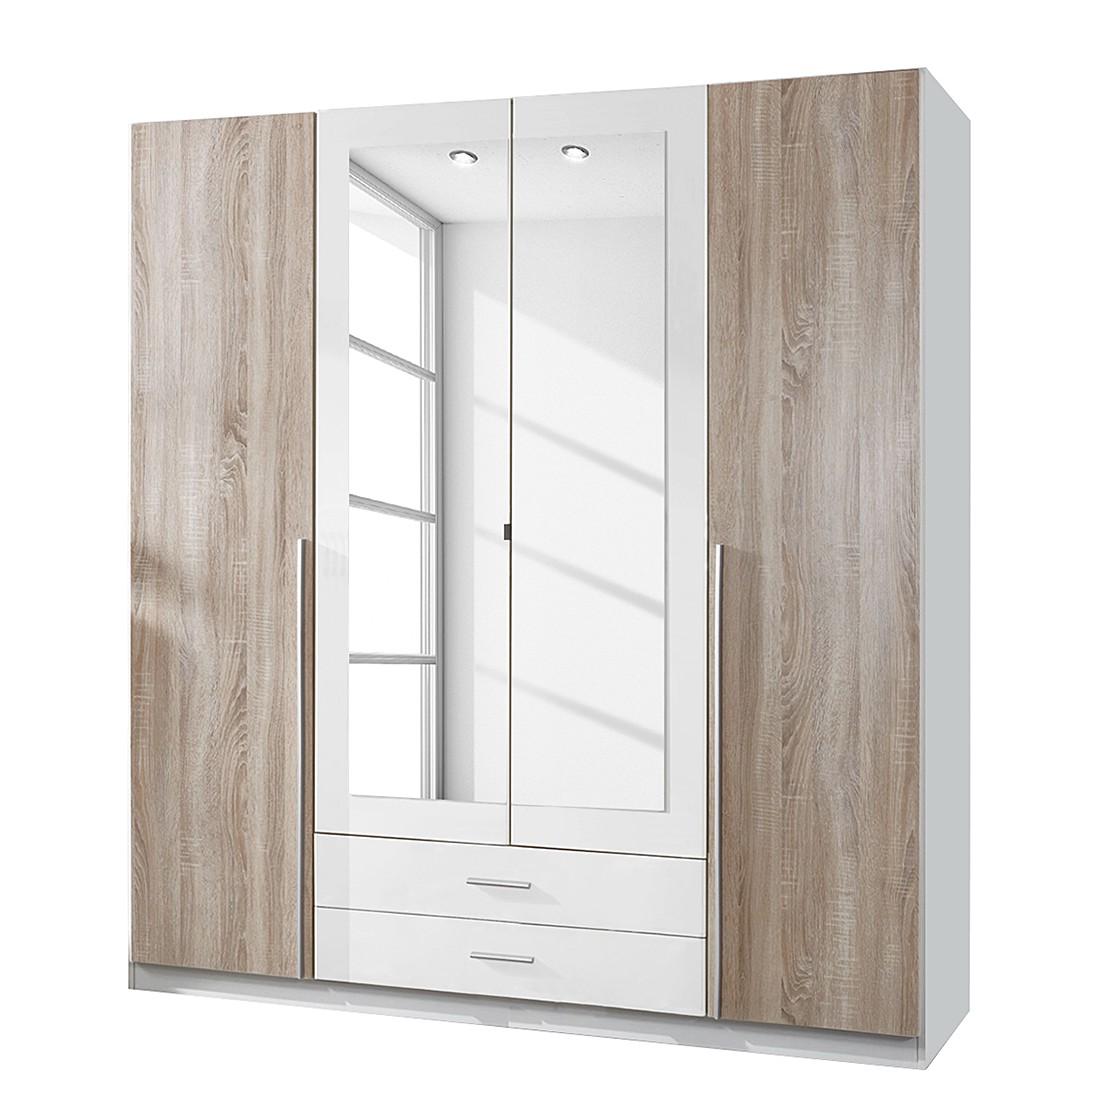 Armoire à vêtements Nuevo - Blanc alpin / Chêne brut de sciage - 180 cm (4 portes), Wimex